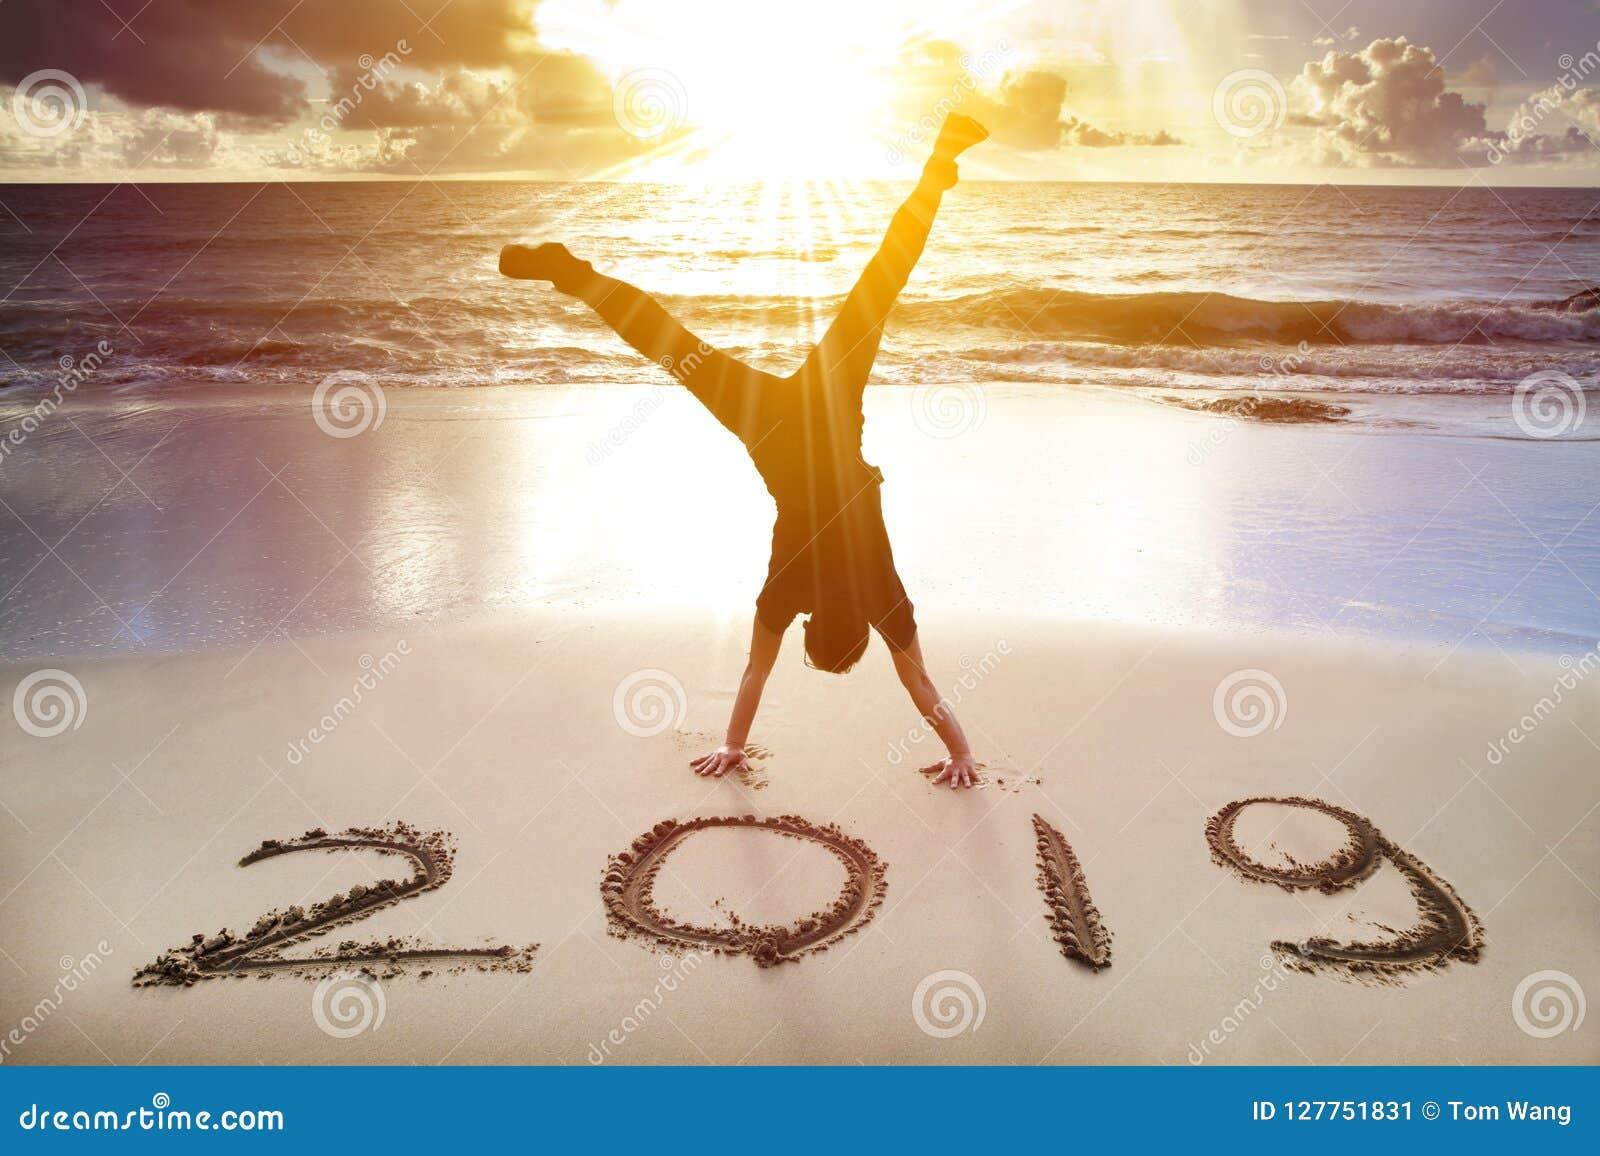 Handstand человека на пляже Счастливая концепция 2019 Нового Года